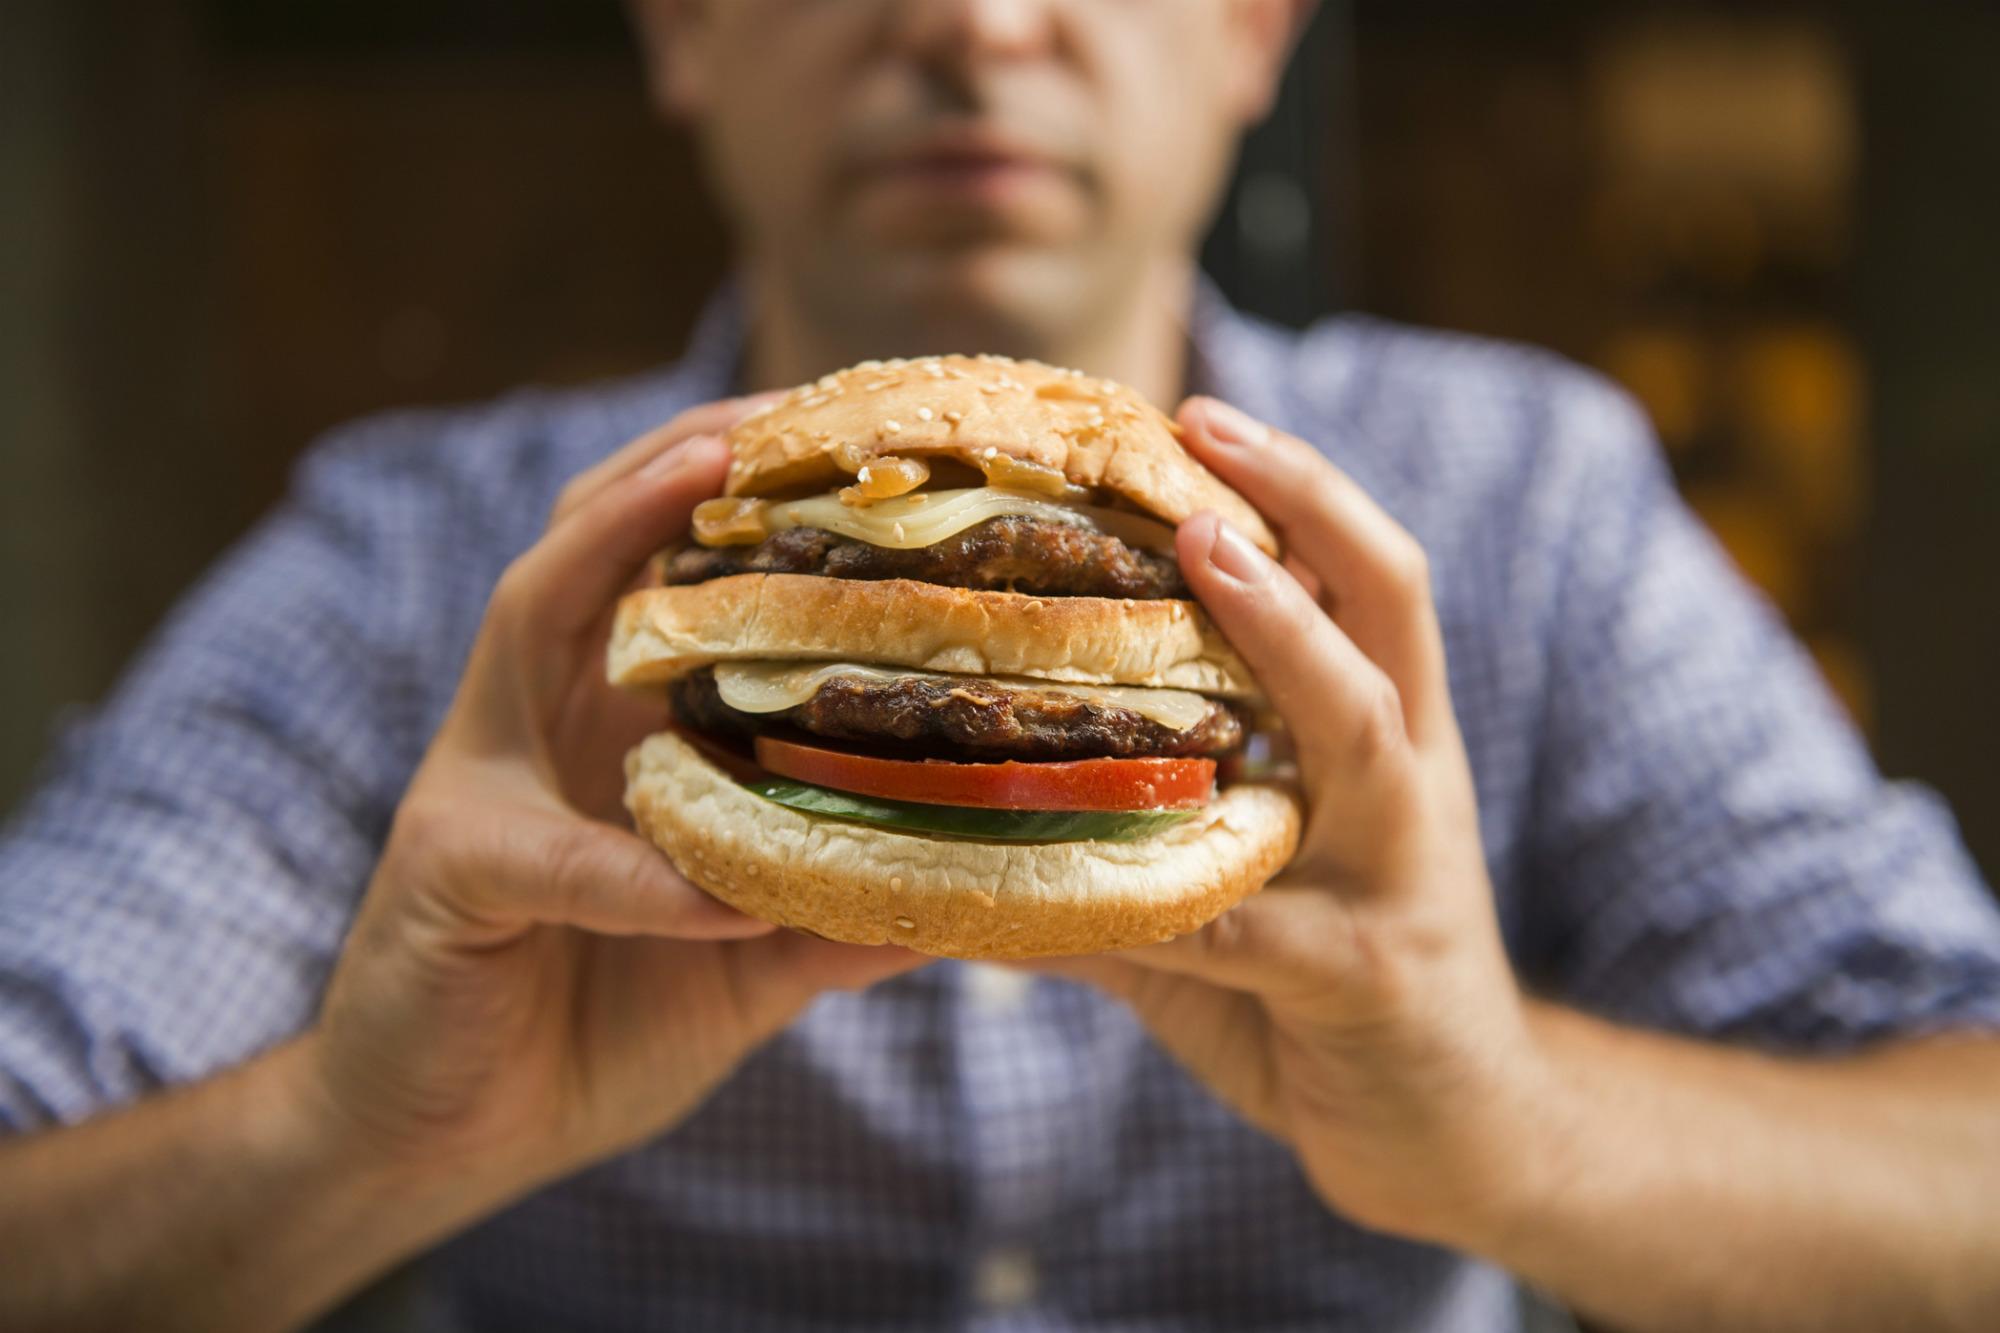 Empresas de fast-food: o inimigo agora é outro